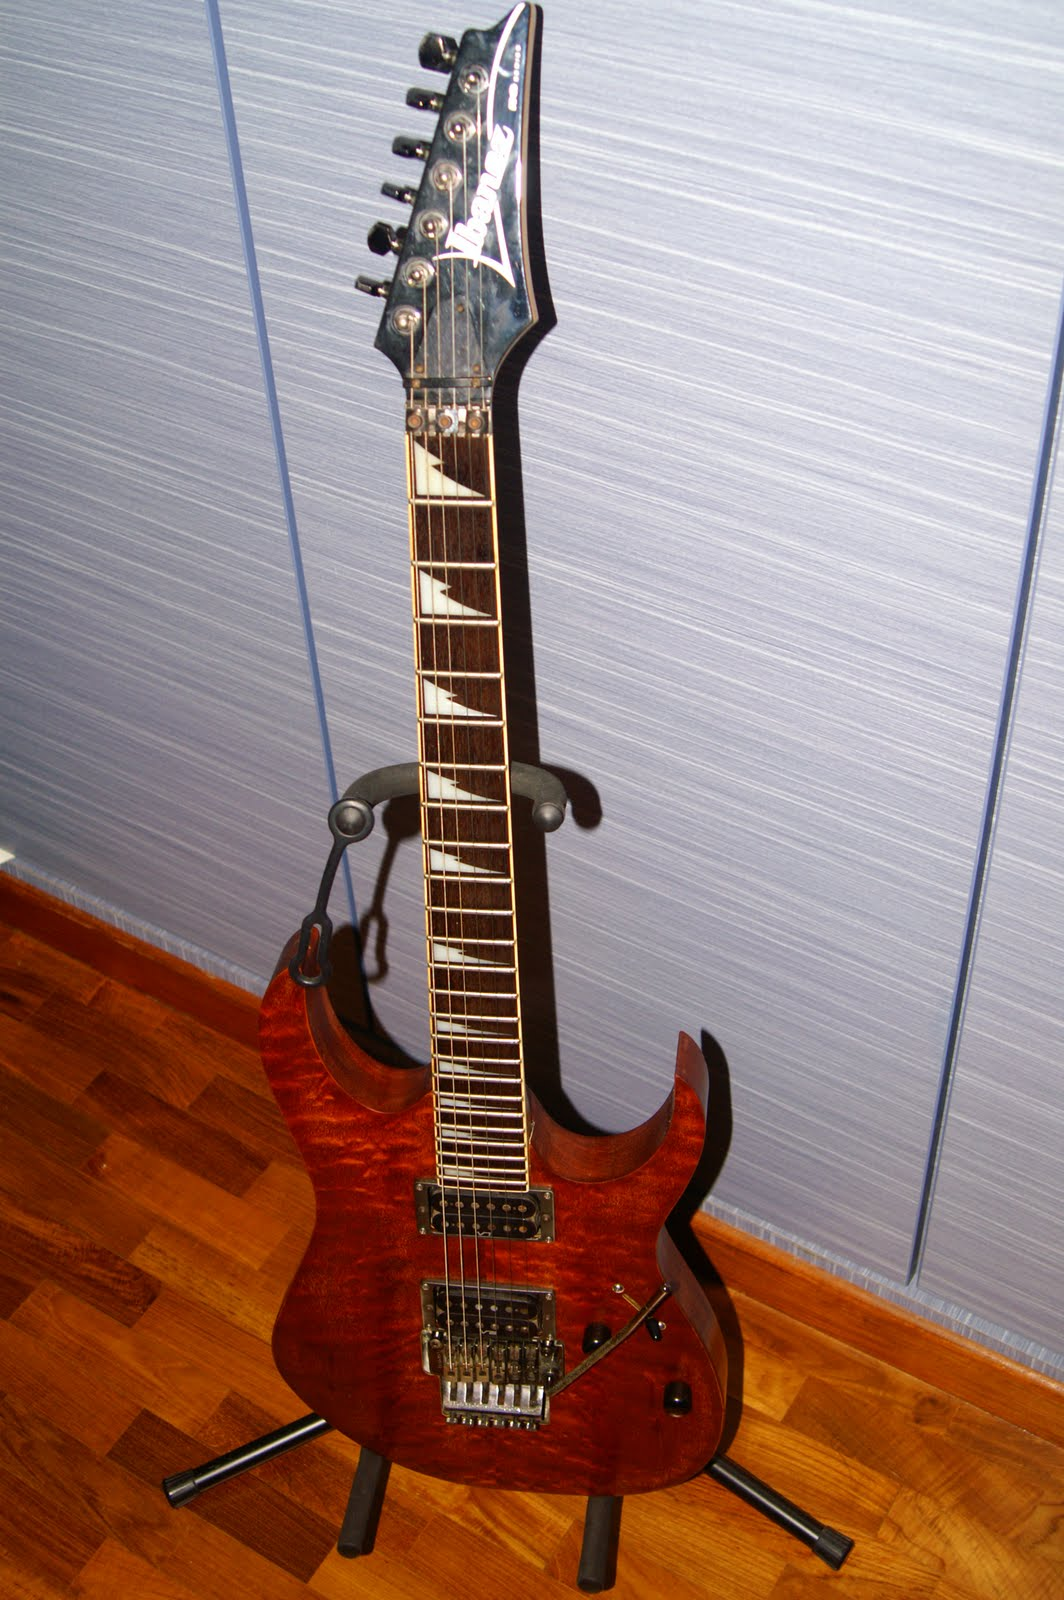 ザギターオタク The Guitar Otaku Ibanez Rg 5 270dx Frankenstein